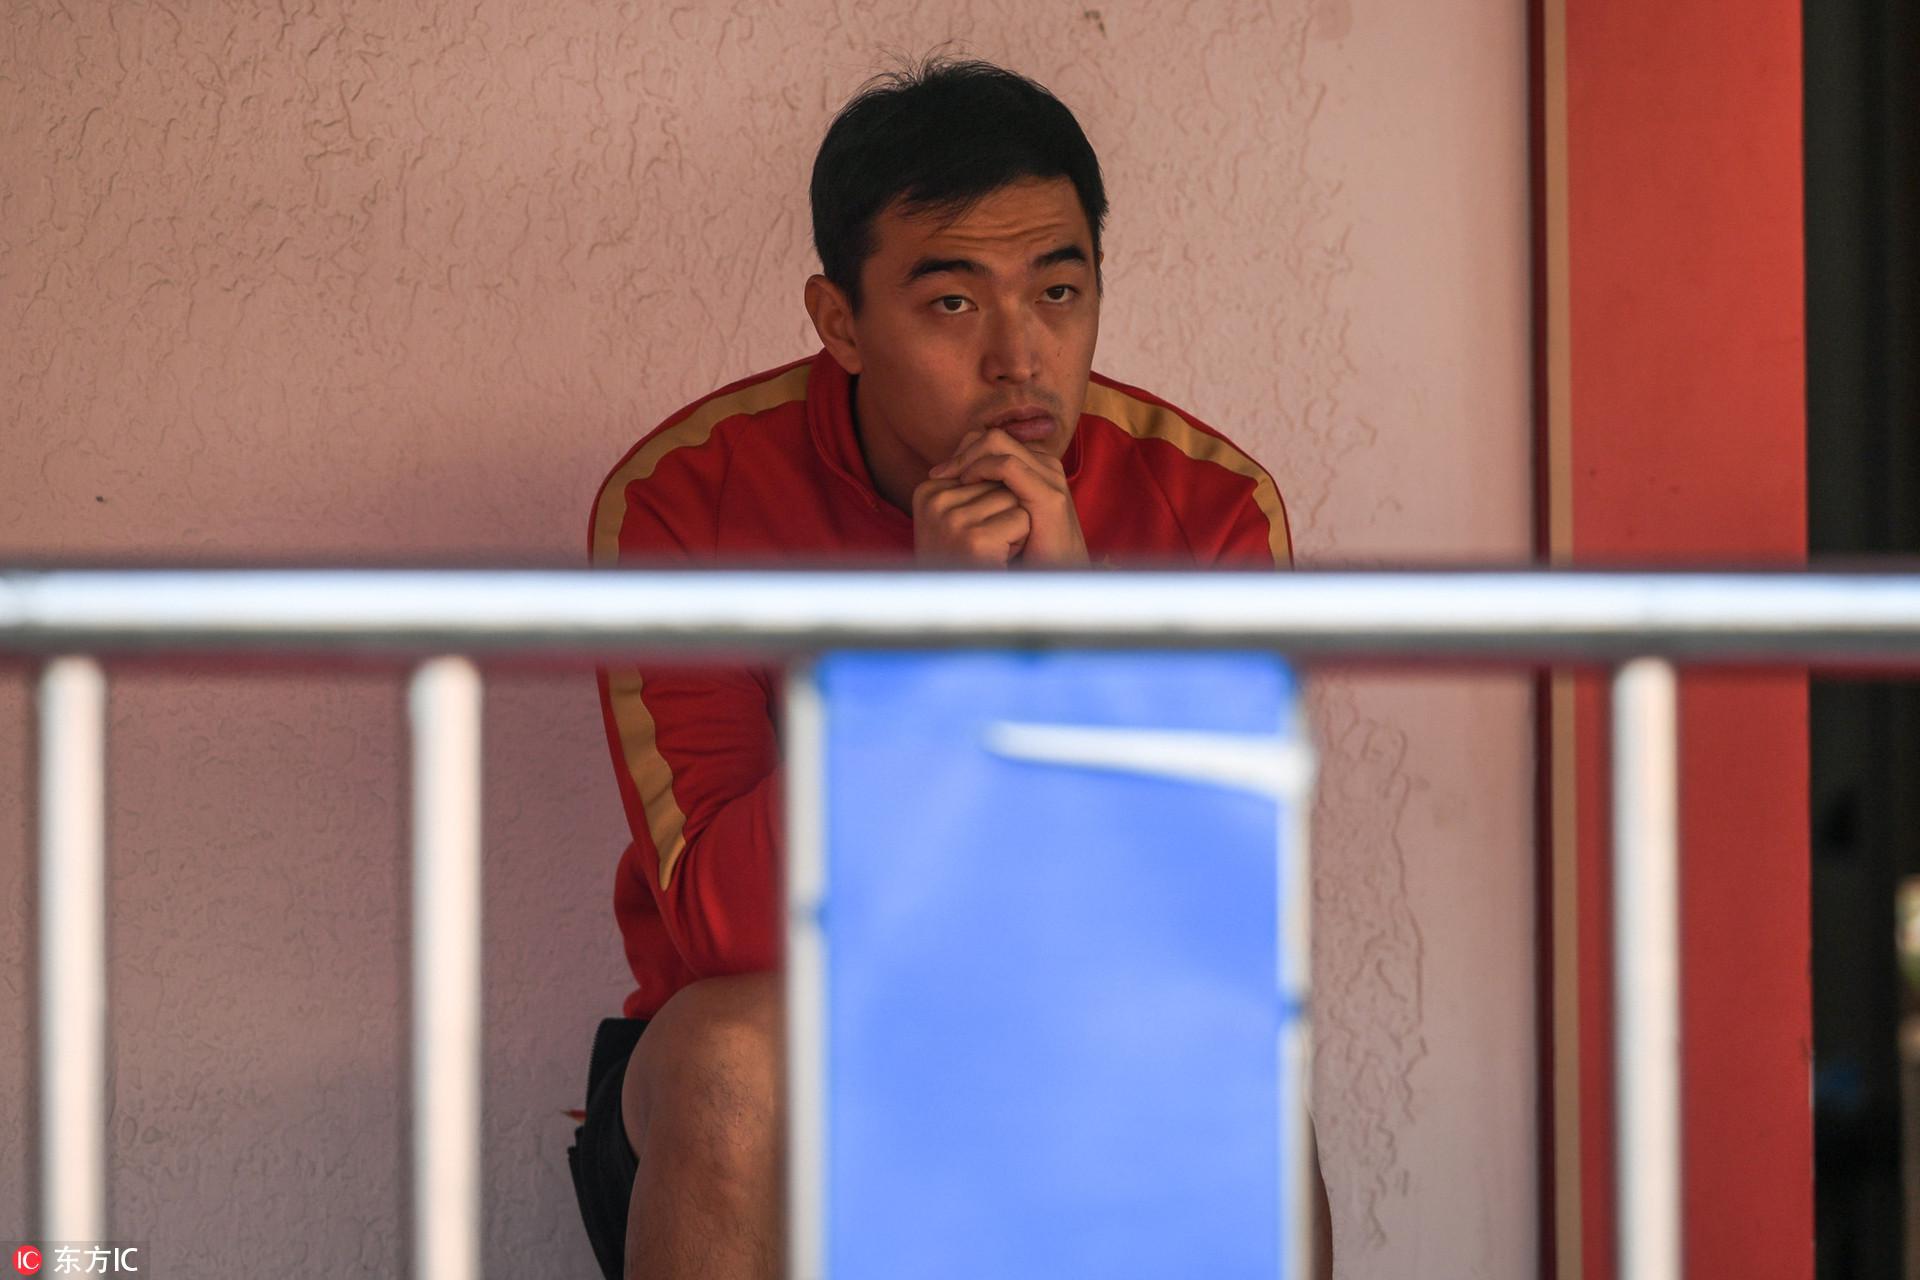 卡帅:郑智该从国足退役了 郜林冯潇霆也该考虑了